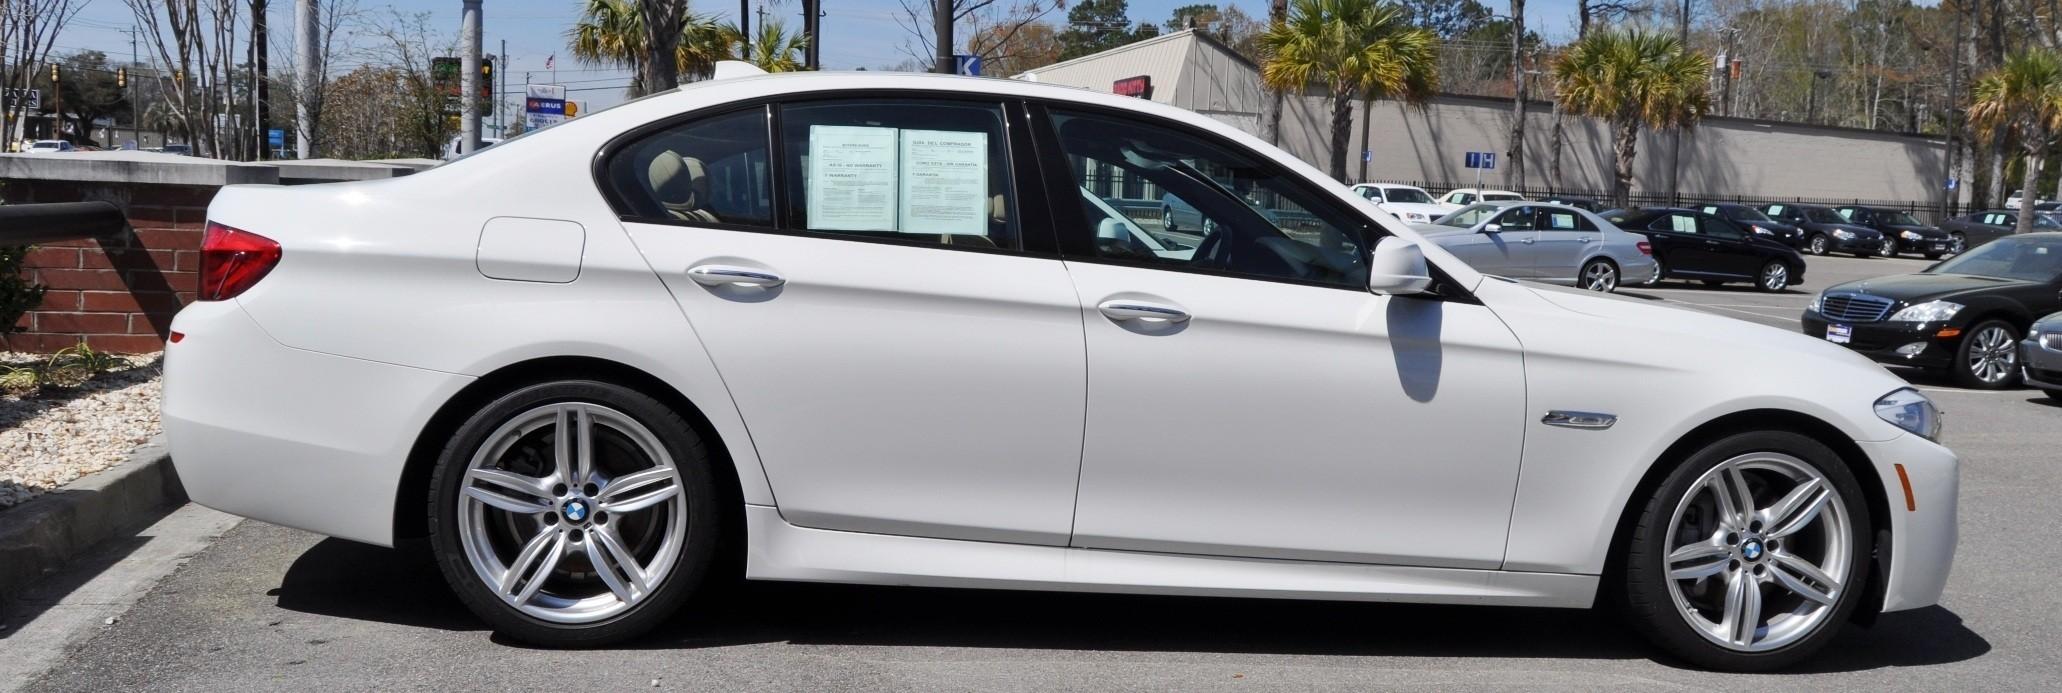 HD Video Road Test -- 2013 BMW 535i M Sport RWD -- Refined but Still Balanced, FAST and Posh 3